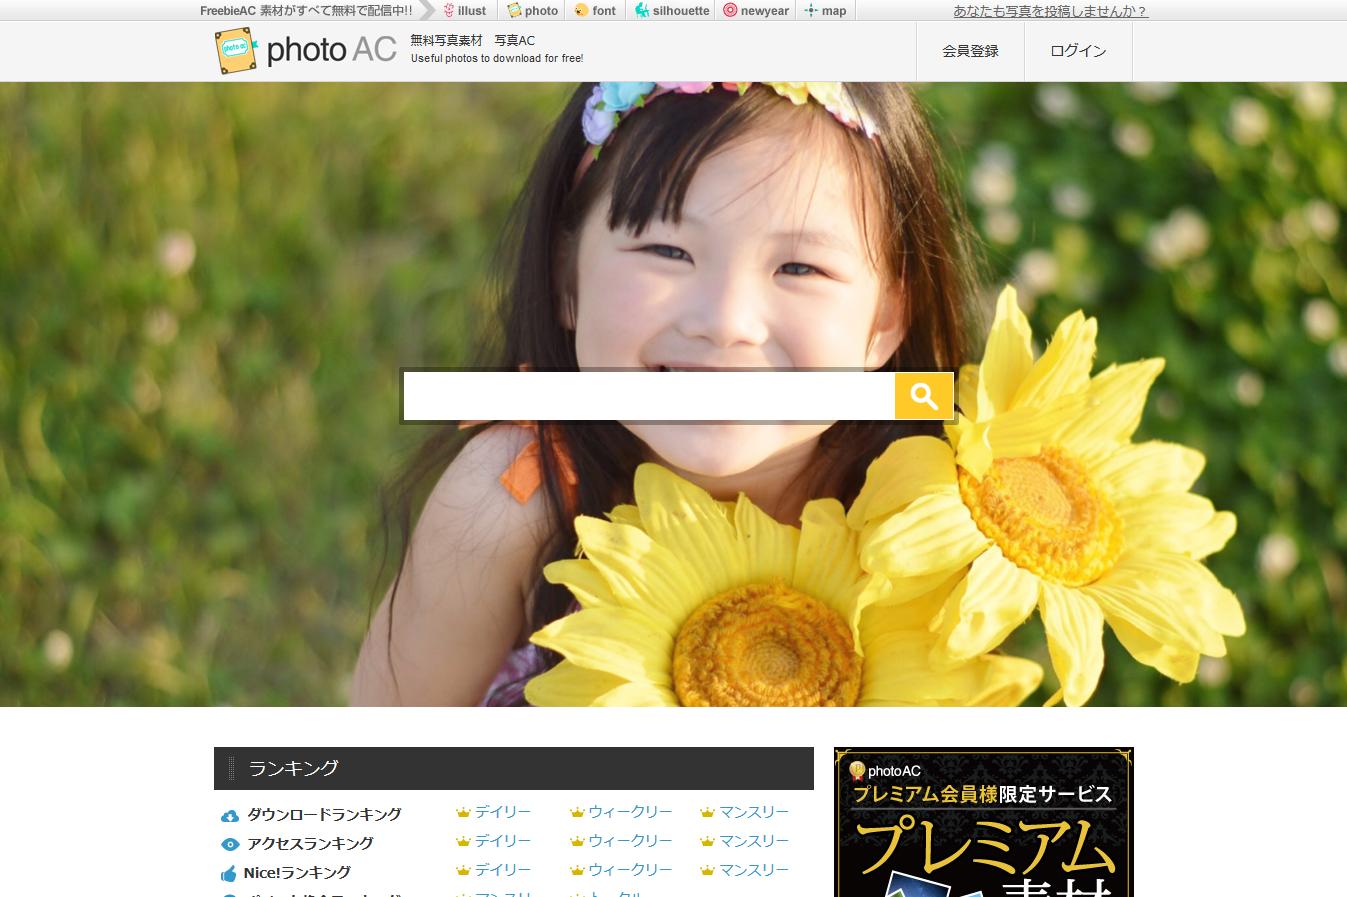 無料で使える人物写真を一括検索する方法クレジット表記不要商用利用ok